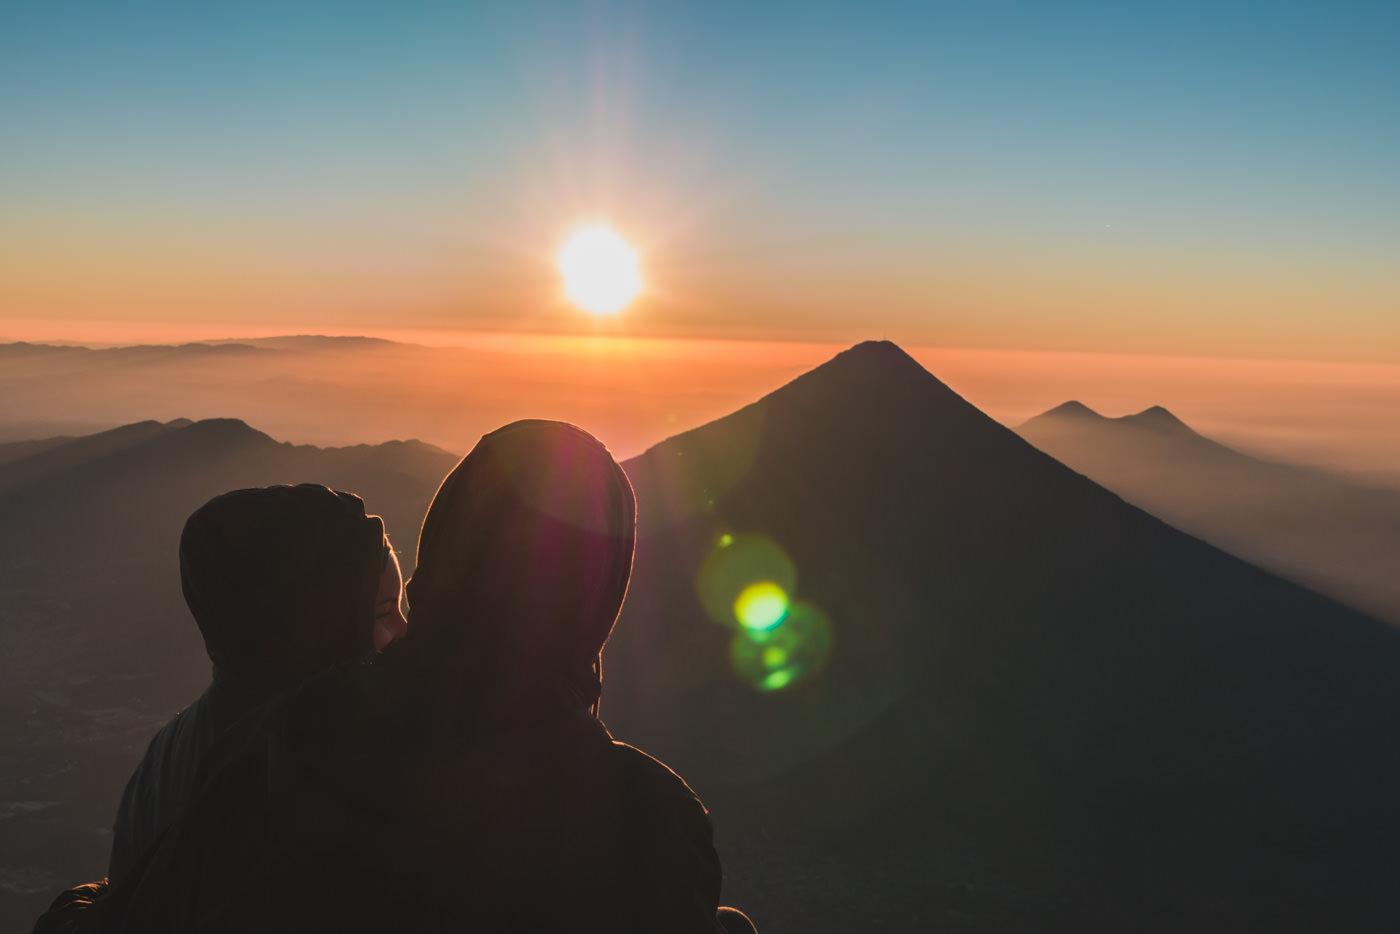 Wir blicken auf den Vulkan Fuego während des Sonnenaufgangs